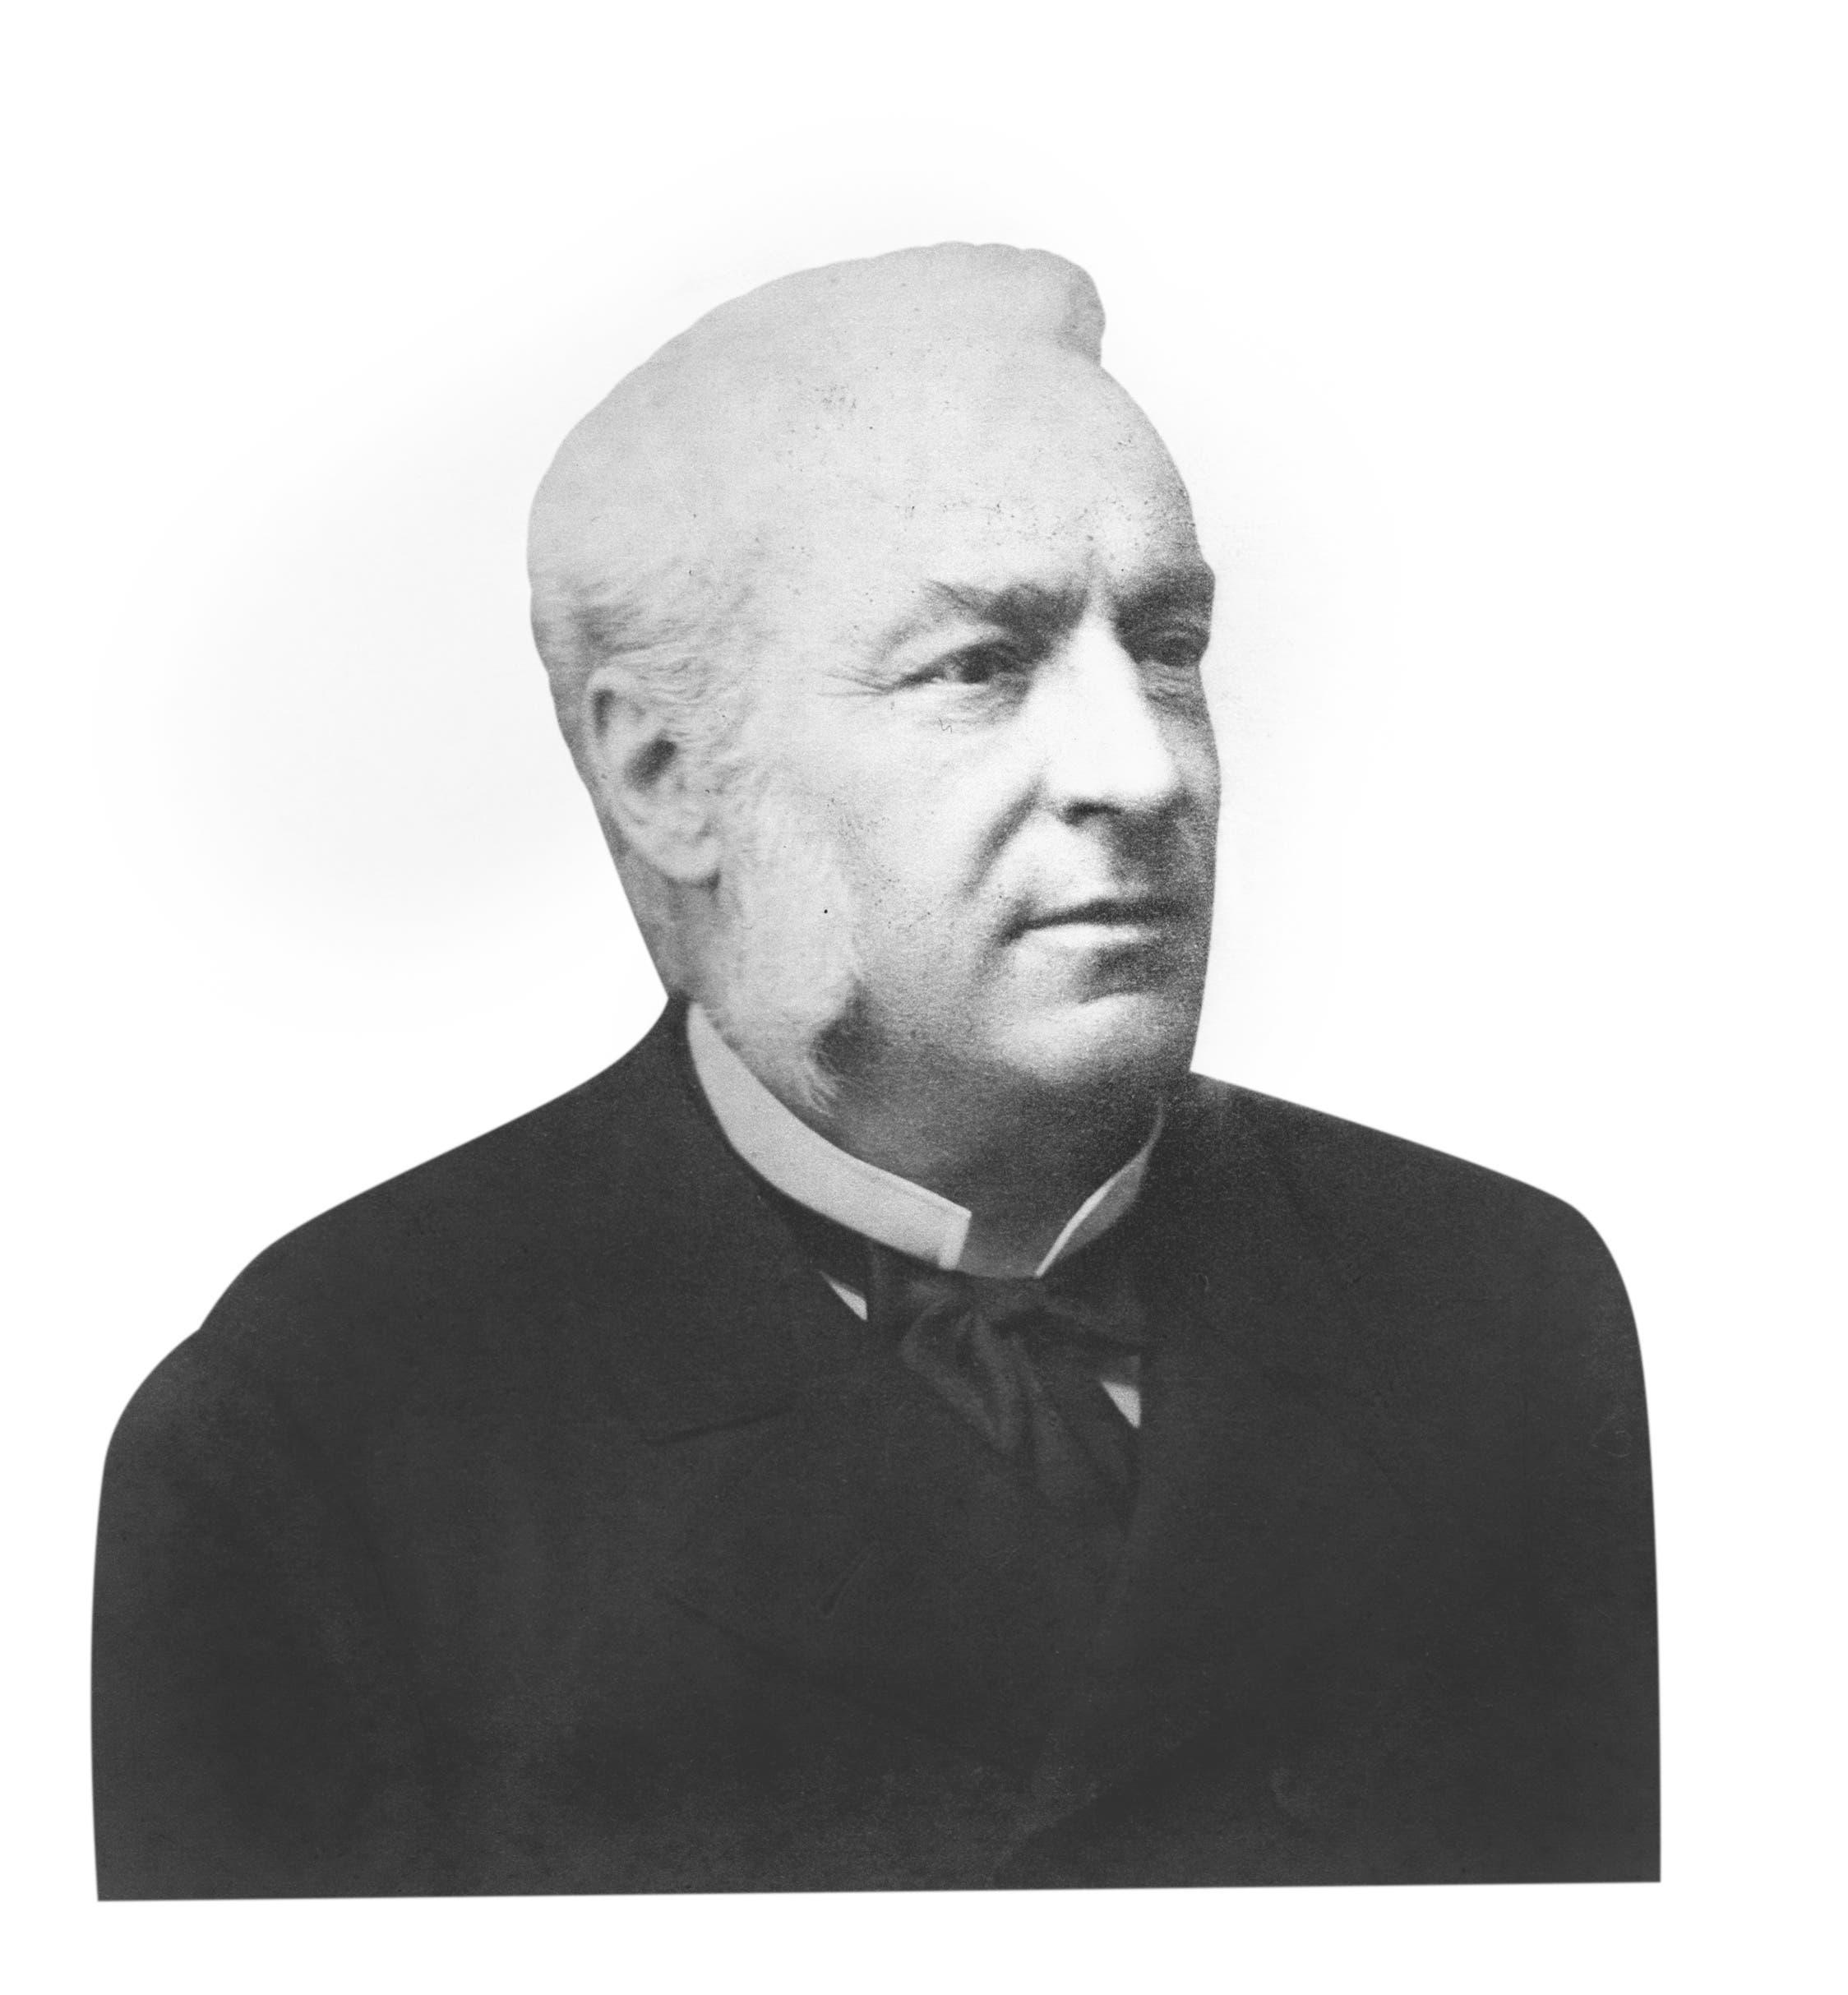 1872 1872 wurde der Basler Architekt Johann Jakob Stehlin-Burckhadt mit dem Entwurf eines Konzertsaales beauftragt. Mit der Raumdimension «Länge gleich Breite und Höhe» schuf er einen akustisch herausragenden Saal.